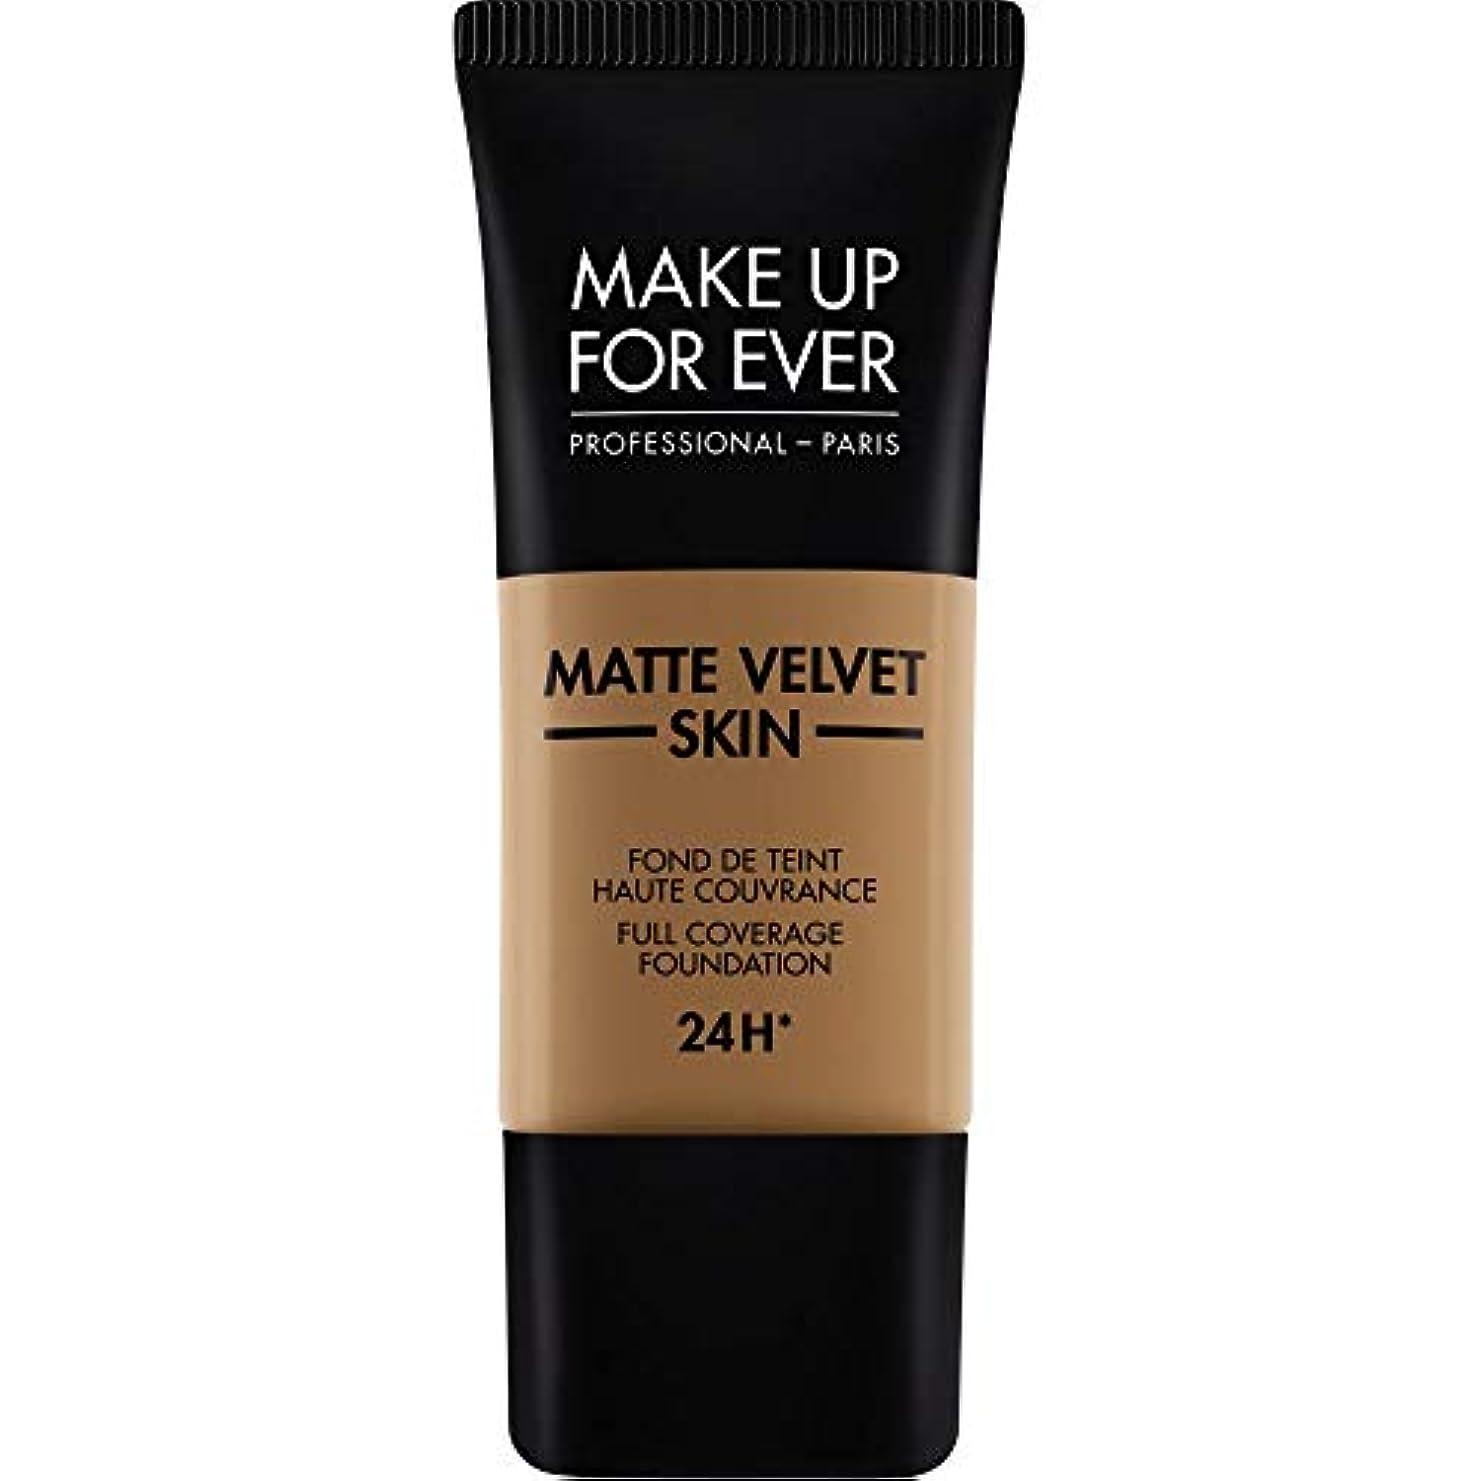 十億コア落胆させる[MAKE UP FOR EVER ] これまでマットベルベットの皮膚のフルカバレッジ基礎30ミリリットルのY505を補う - コニャック - MAKE UP FOR EVER Matte Velvet Skin Full...